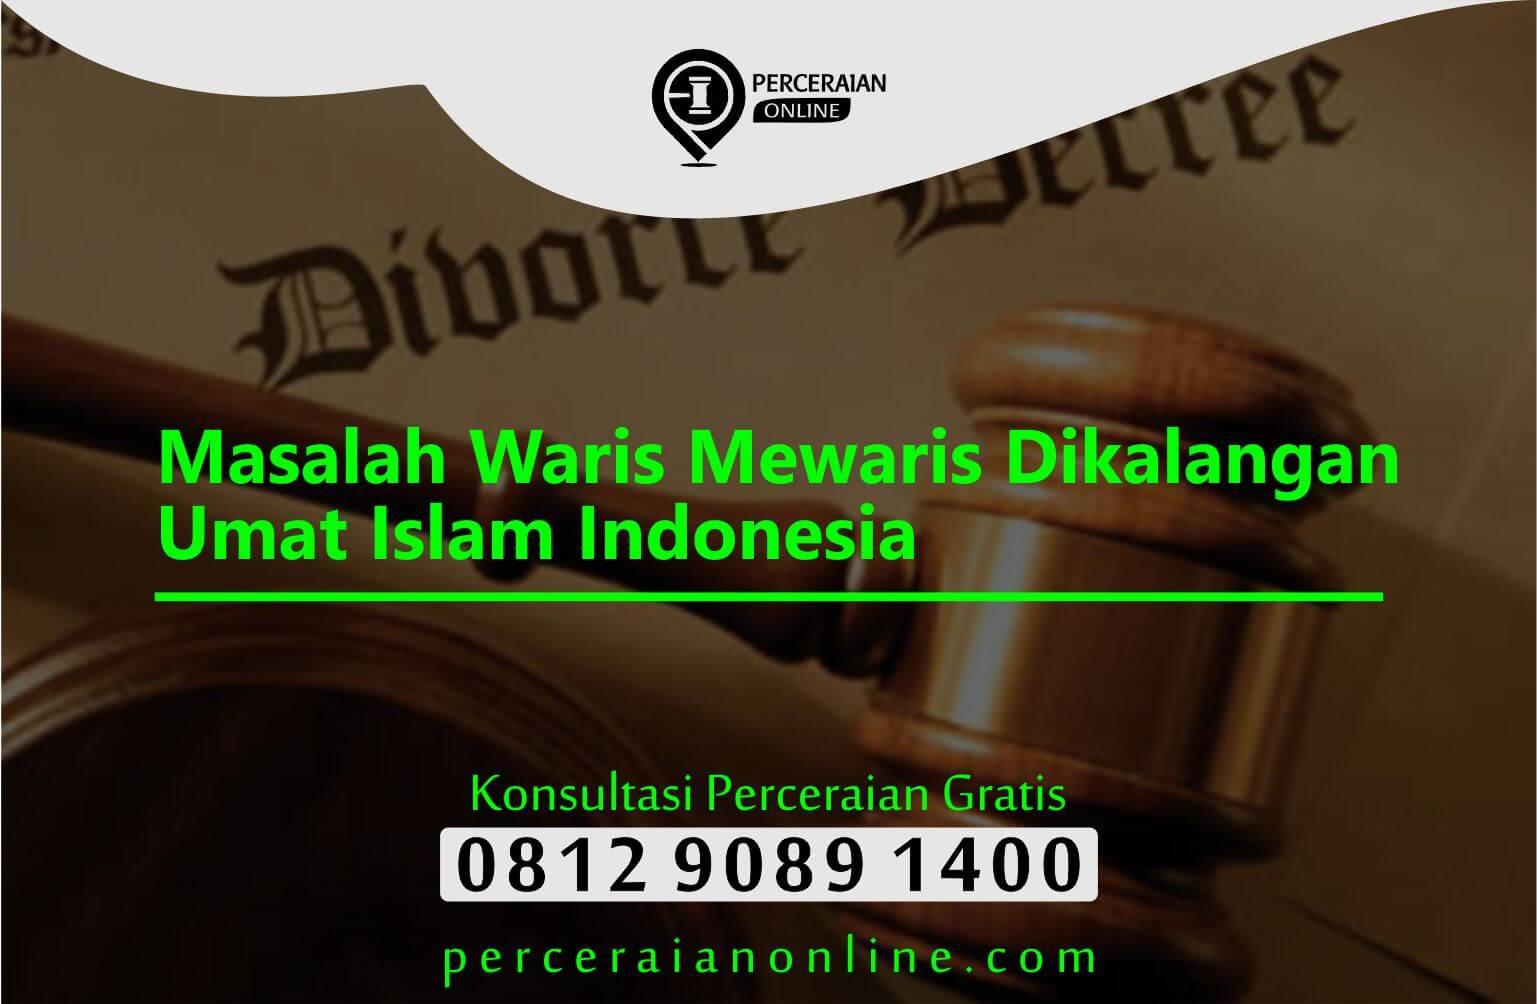 Masalah Waris Mewaris Dikalangan Umat Islam Indonesia